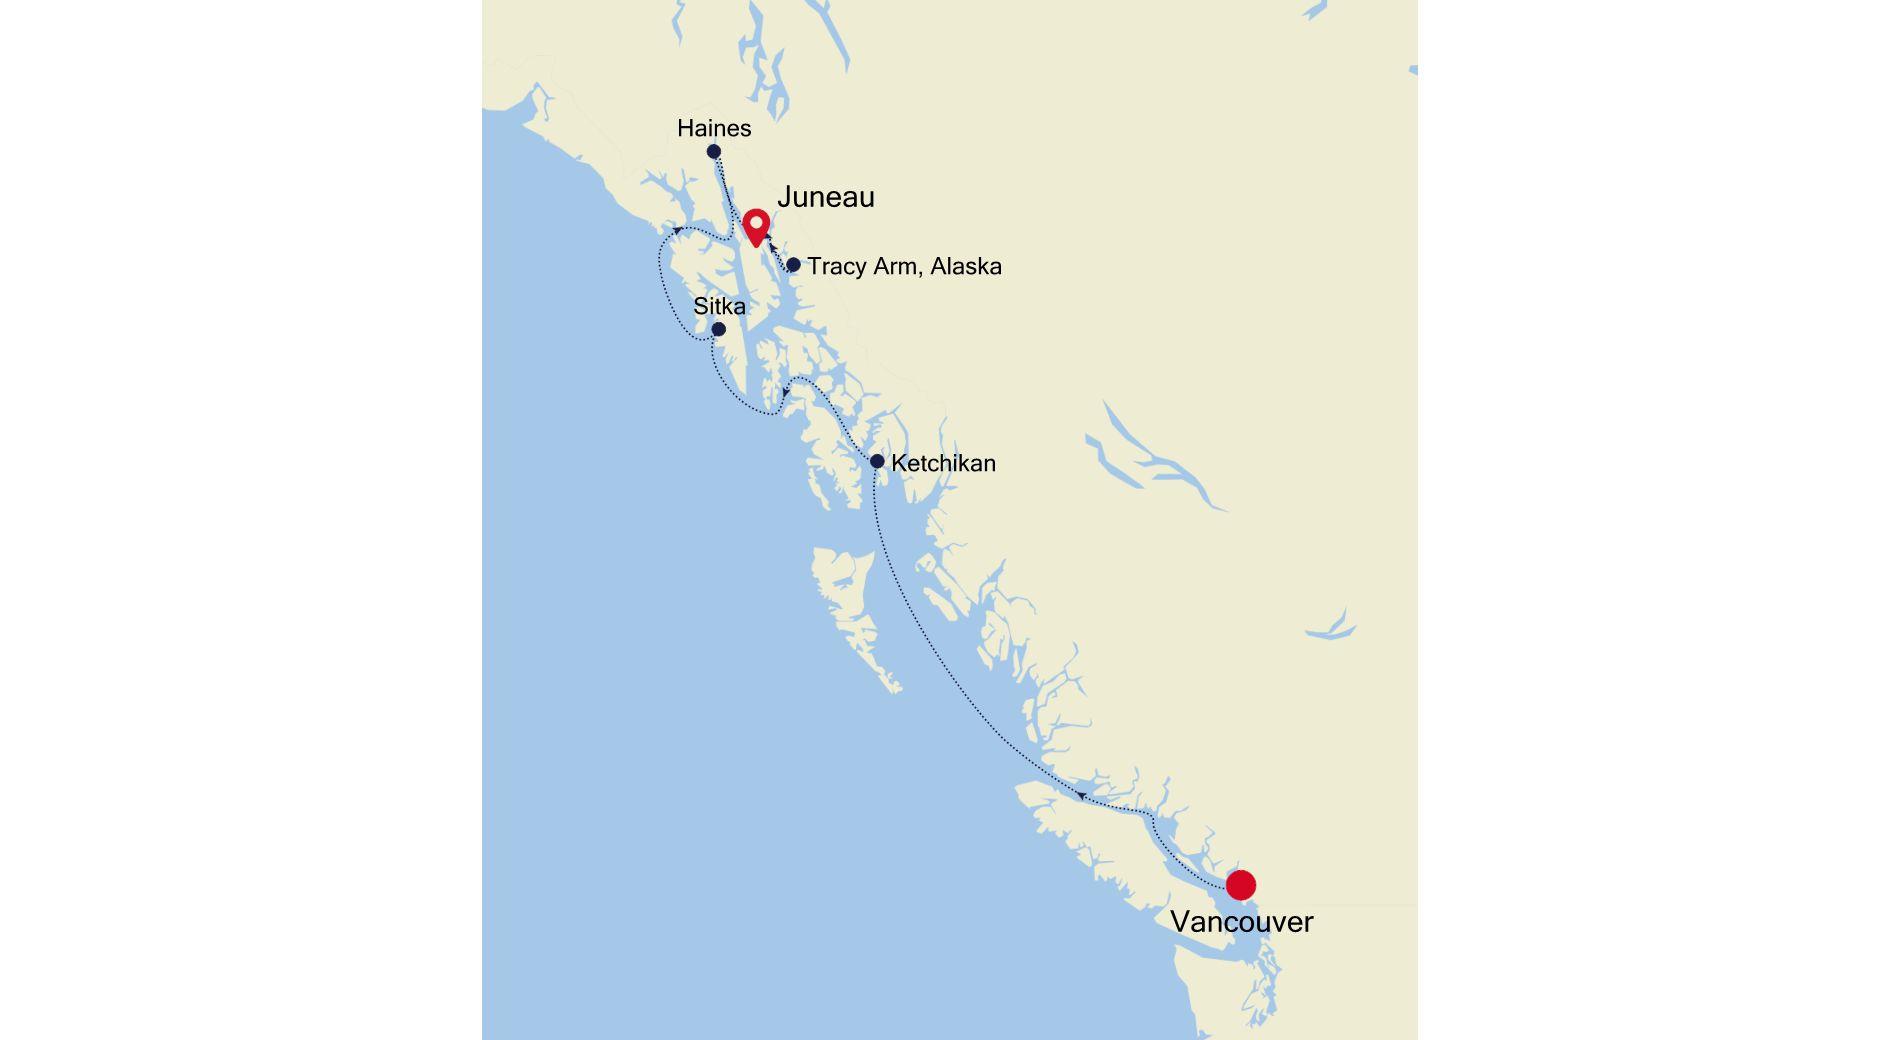 6912B - Vancouver à Juneau